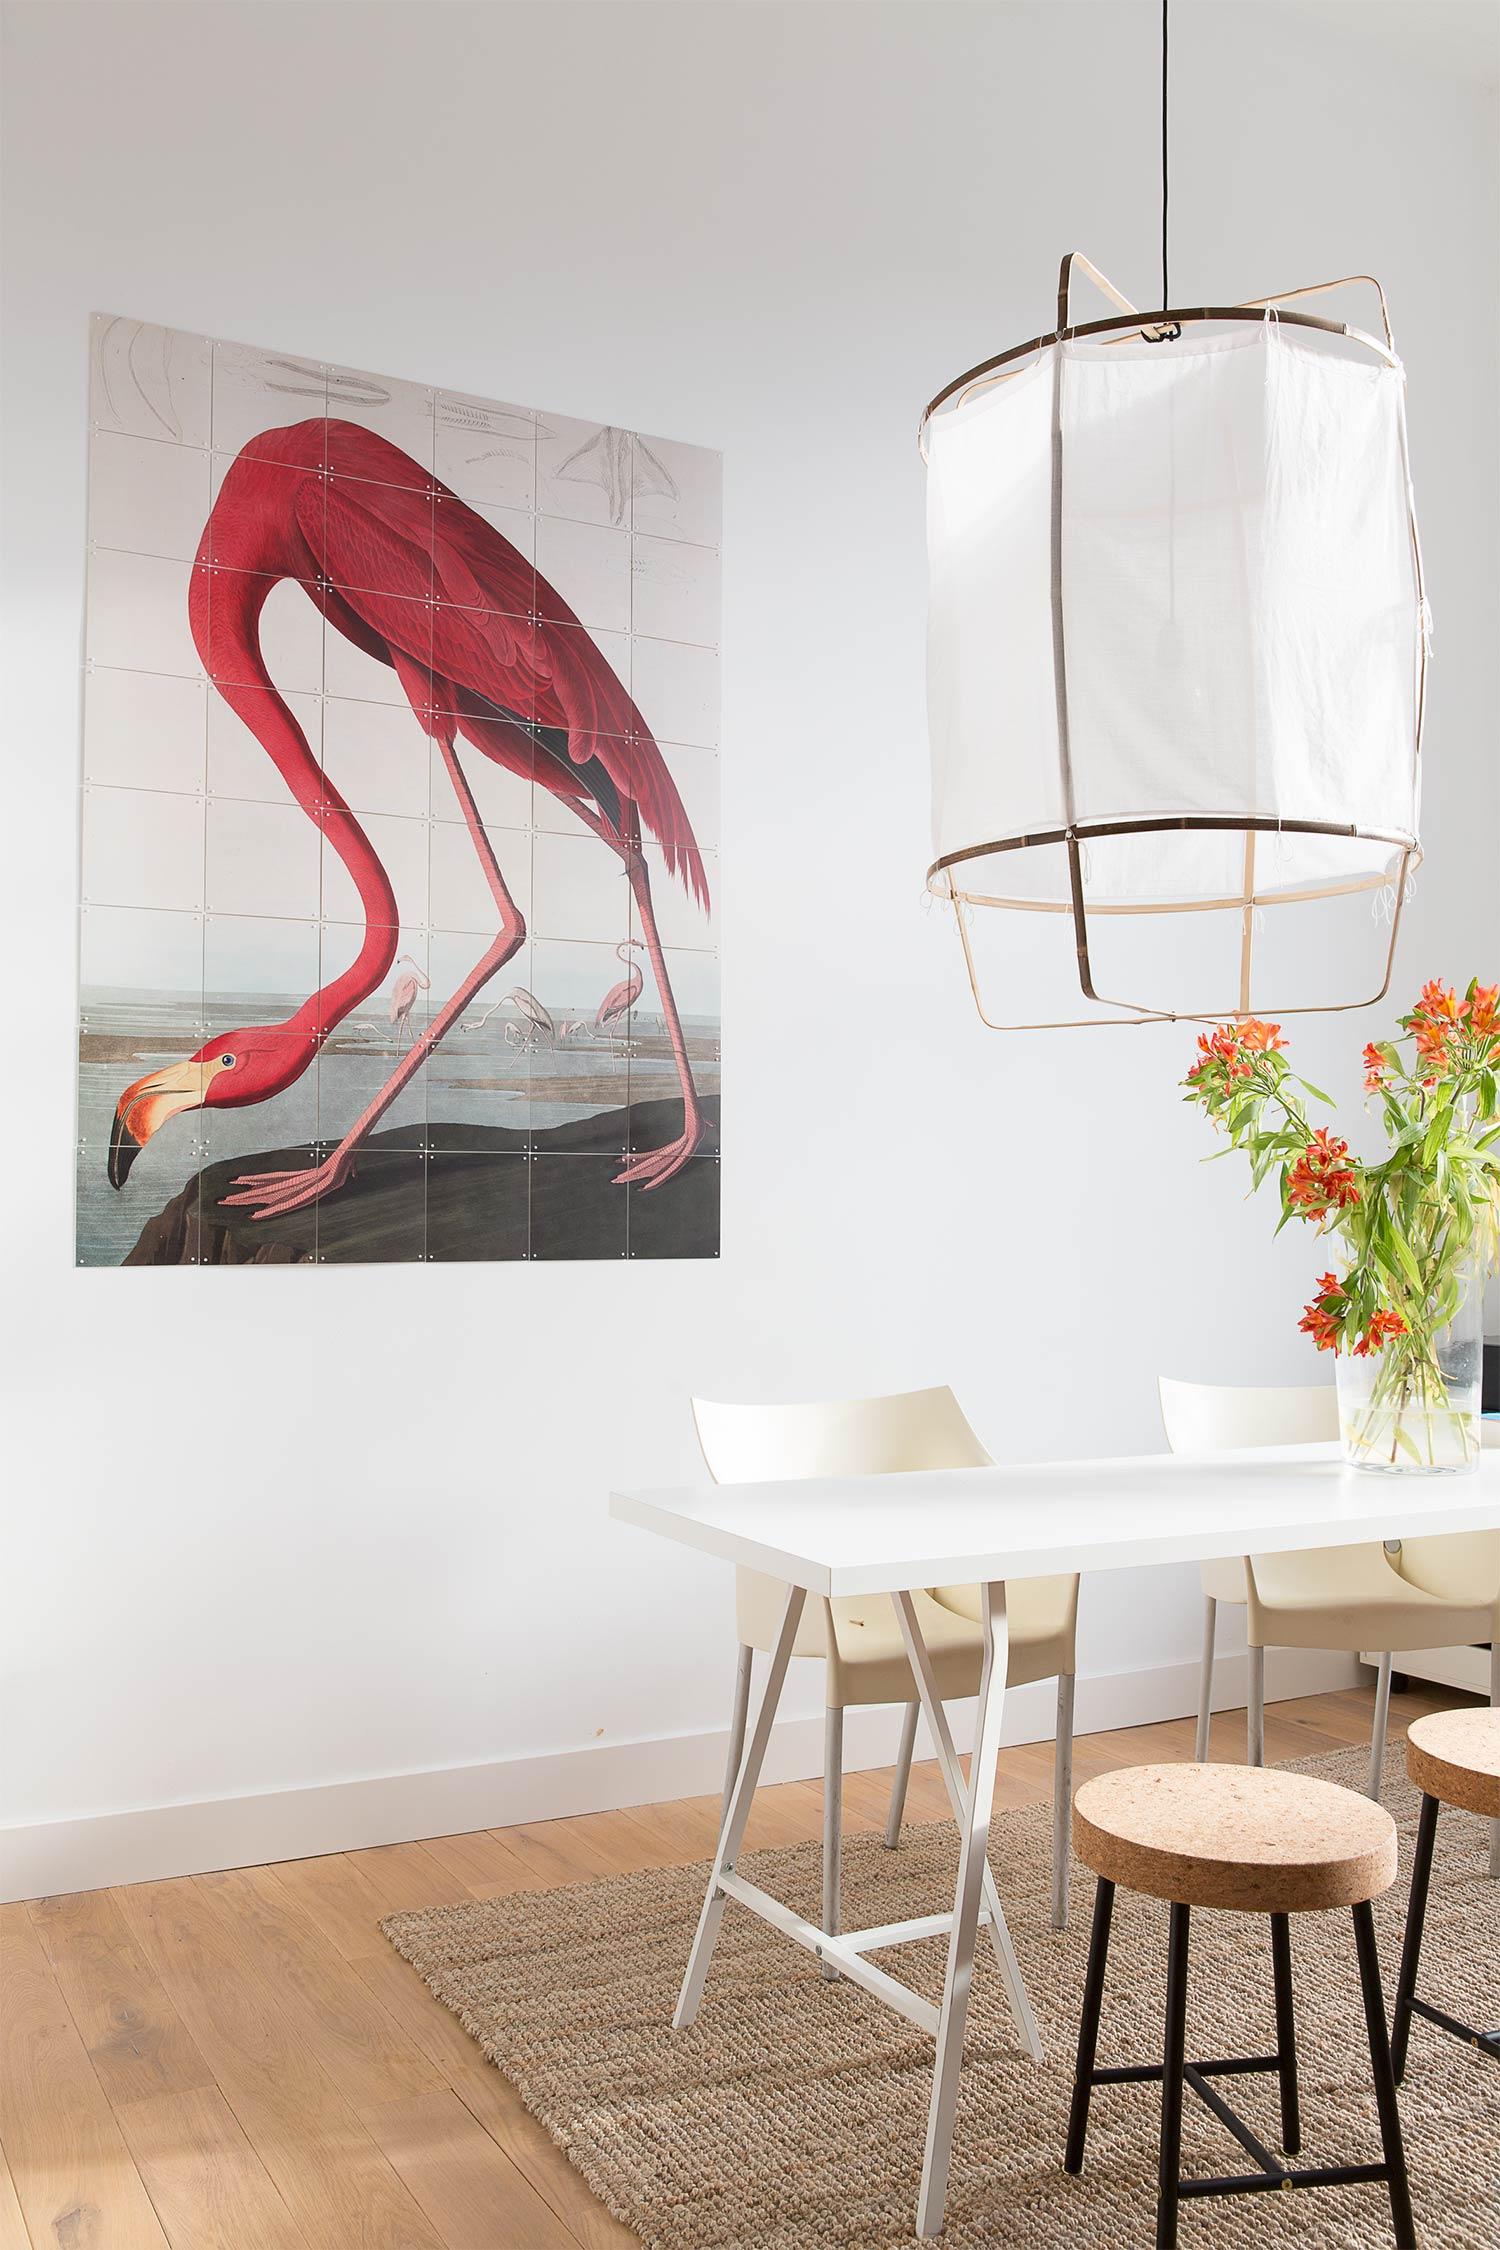 De wanddecoratie van ixxi werkt uitstekend om een persoonlijke twist aan je interieur te geven